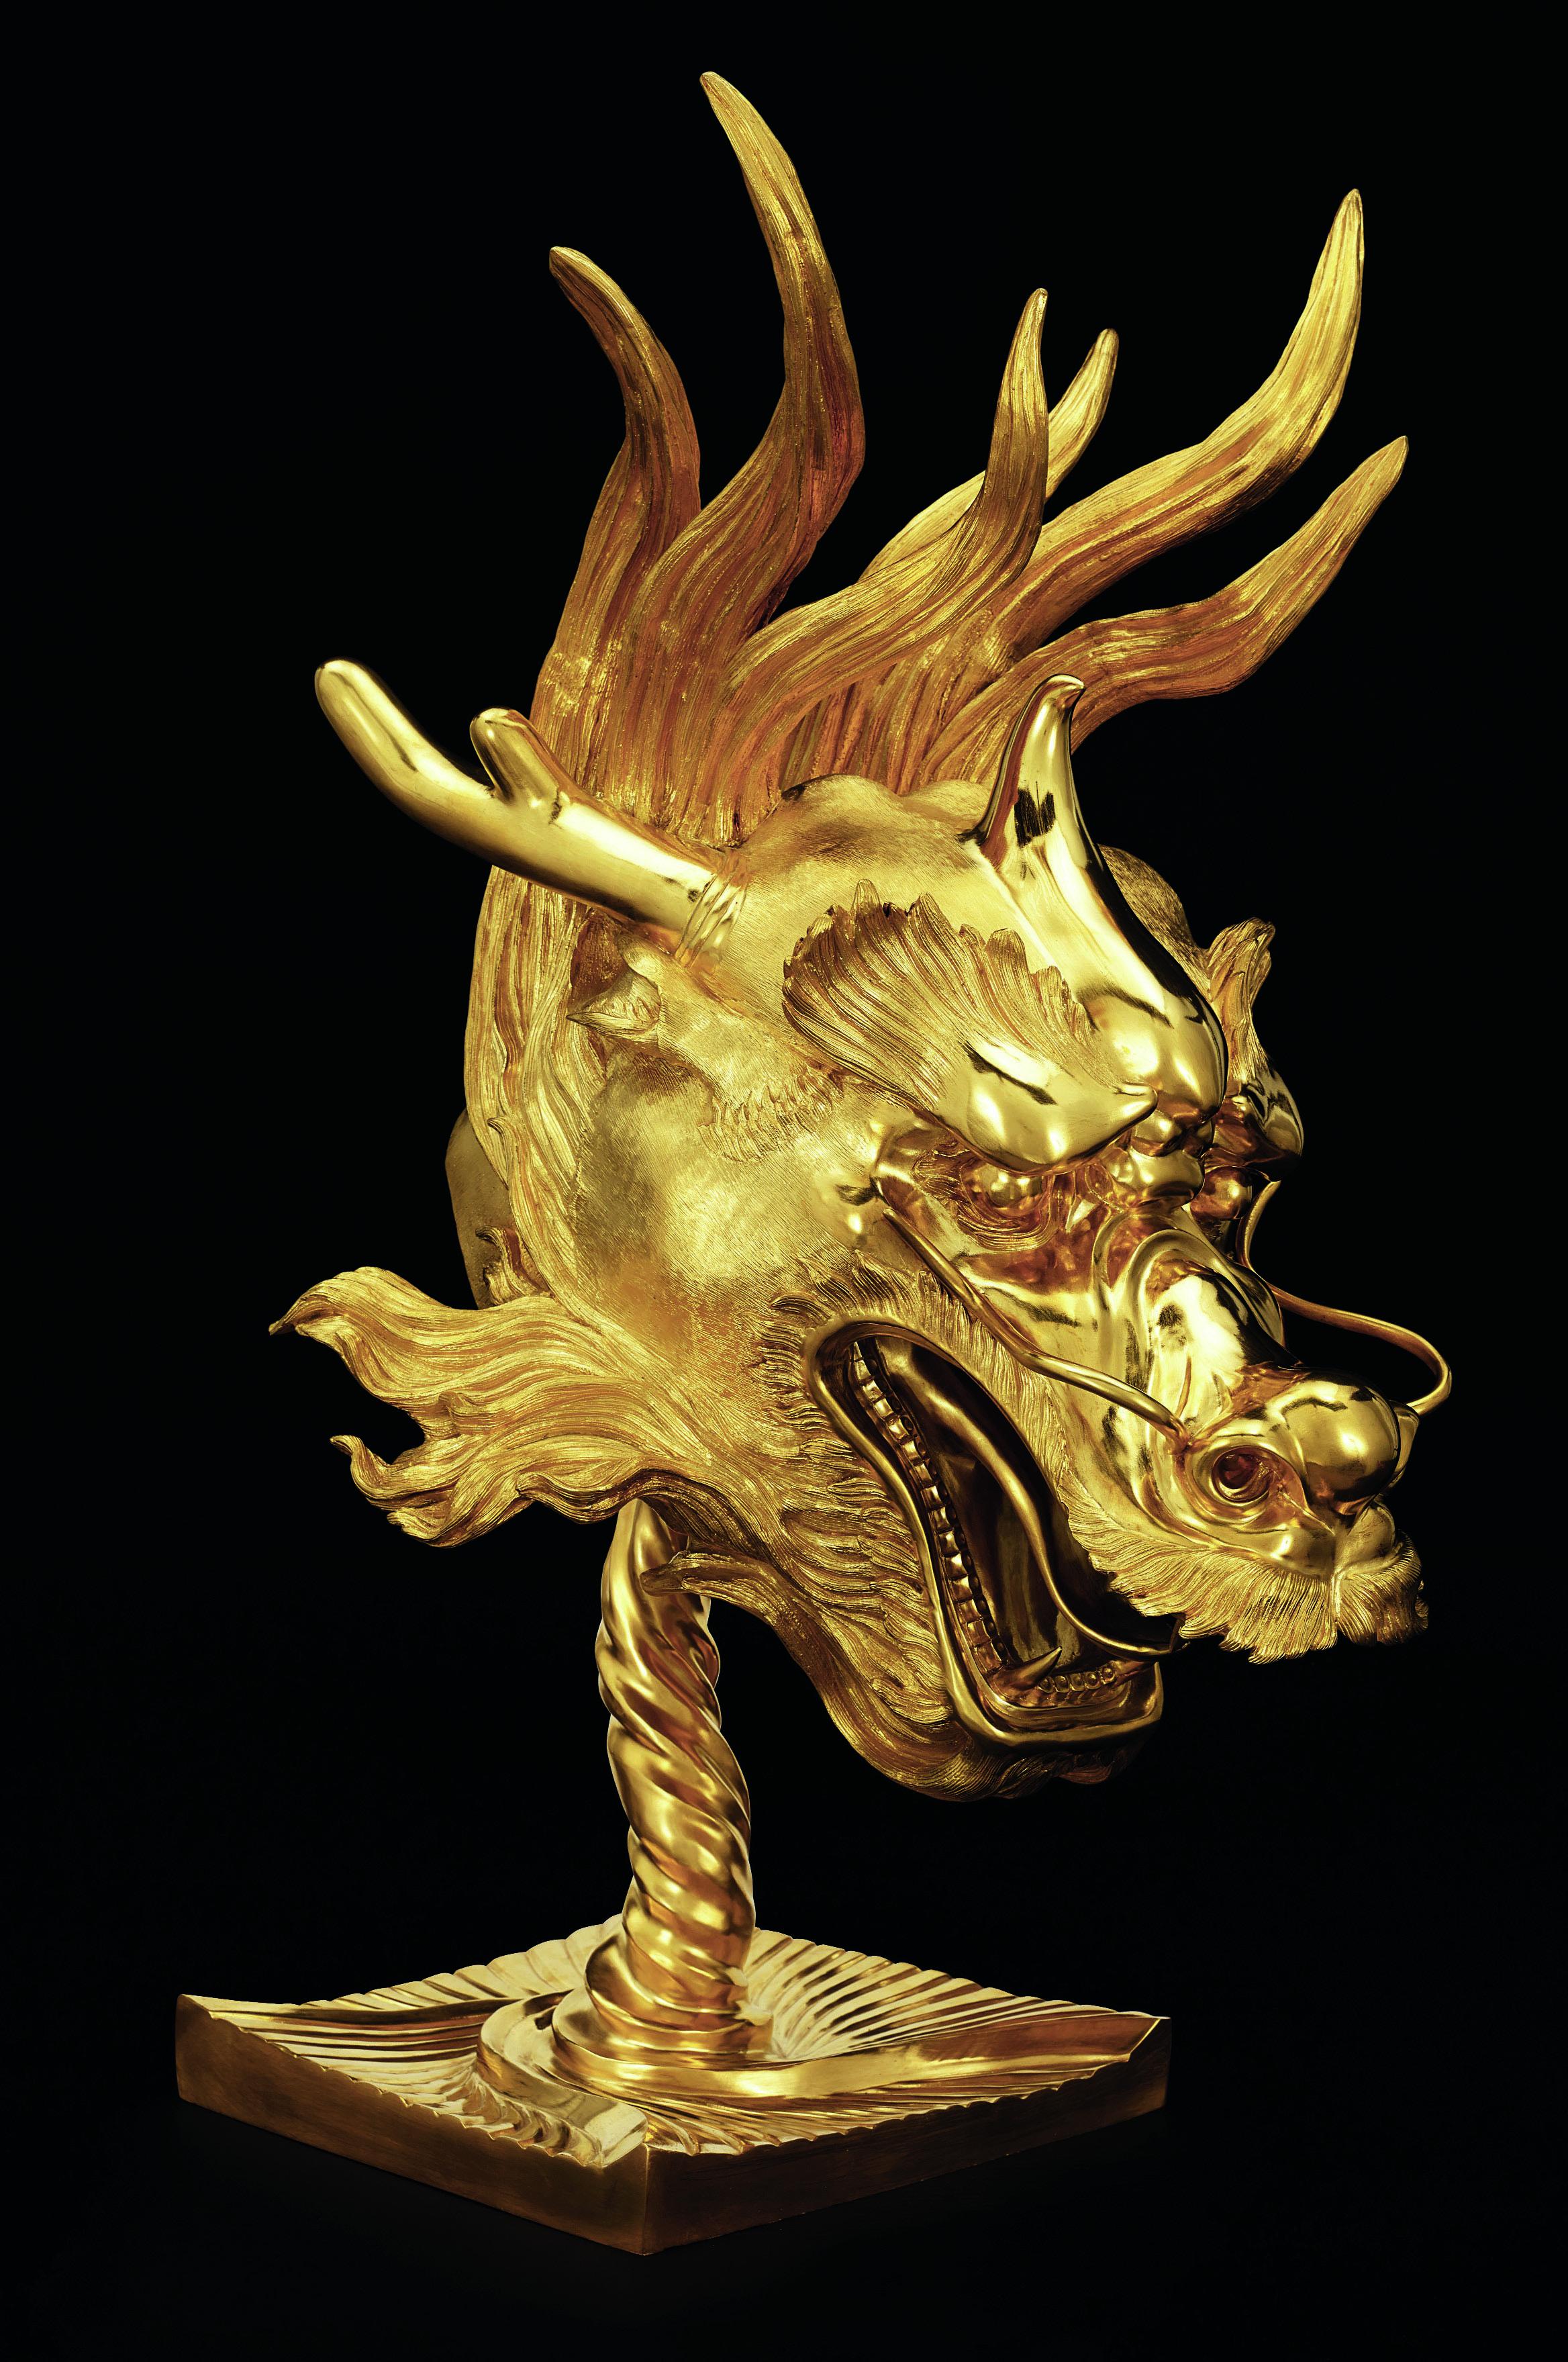 Dragon, Ai Weiwei, 2010 Bronze with gold patina Ai Weiwei: Circle of Animal/Zodiac Heads